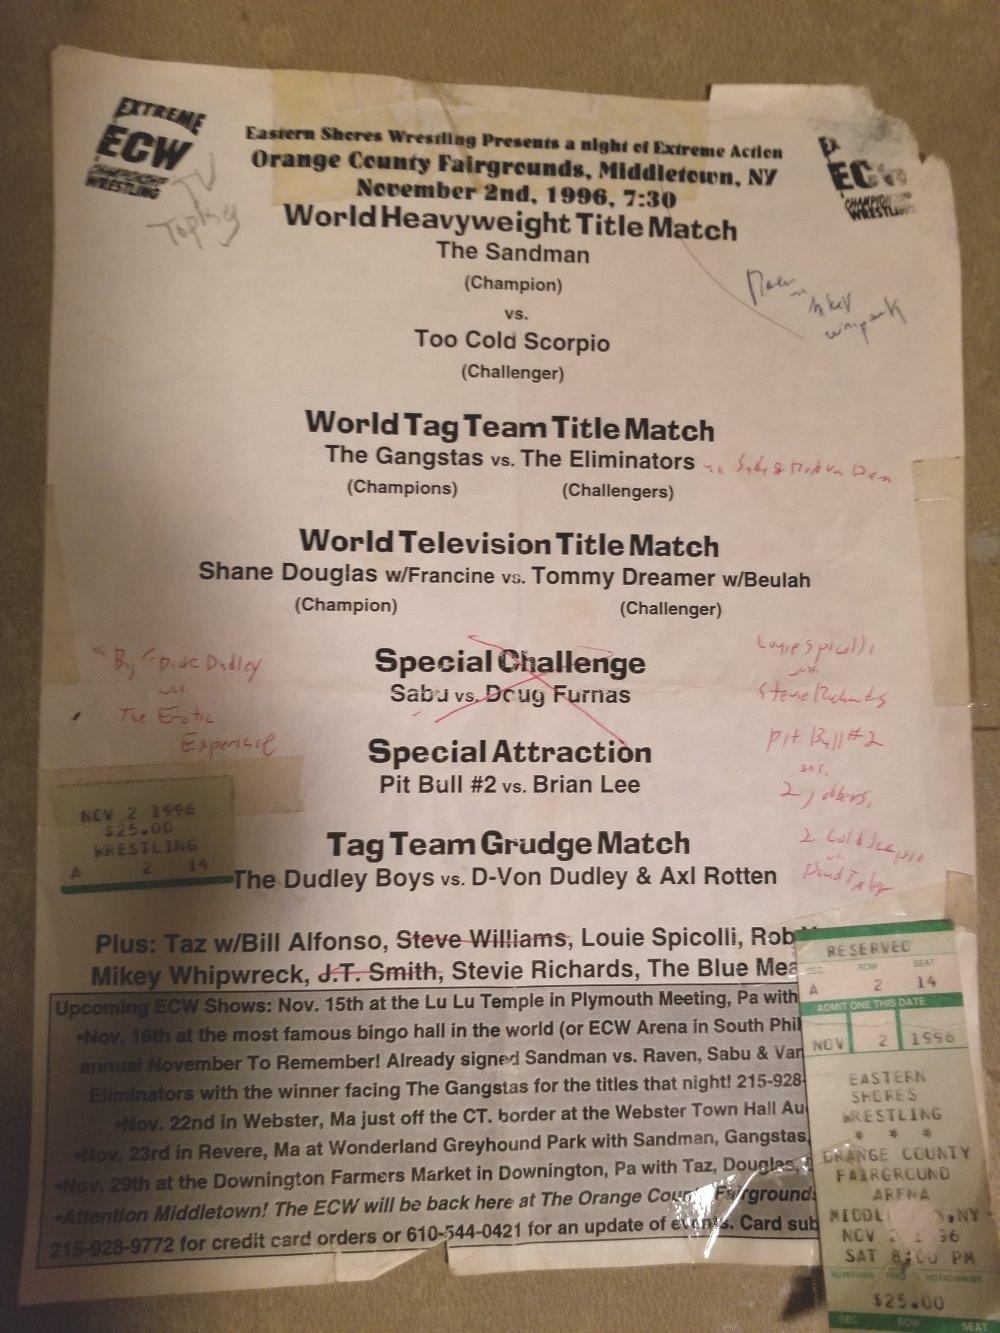 November 2, 1996